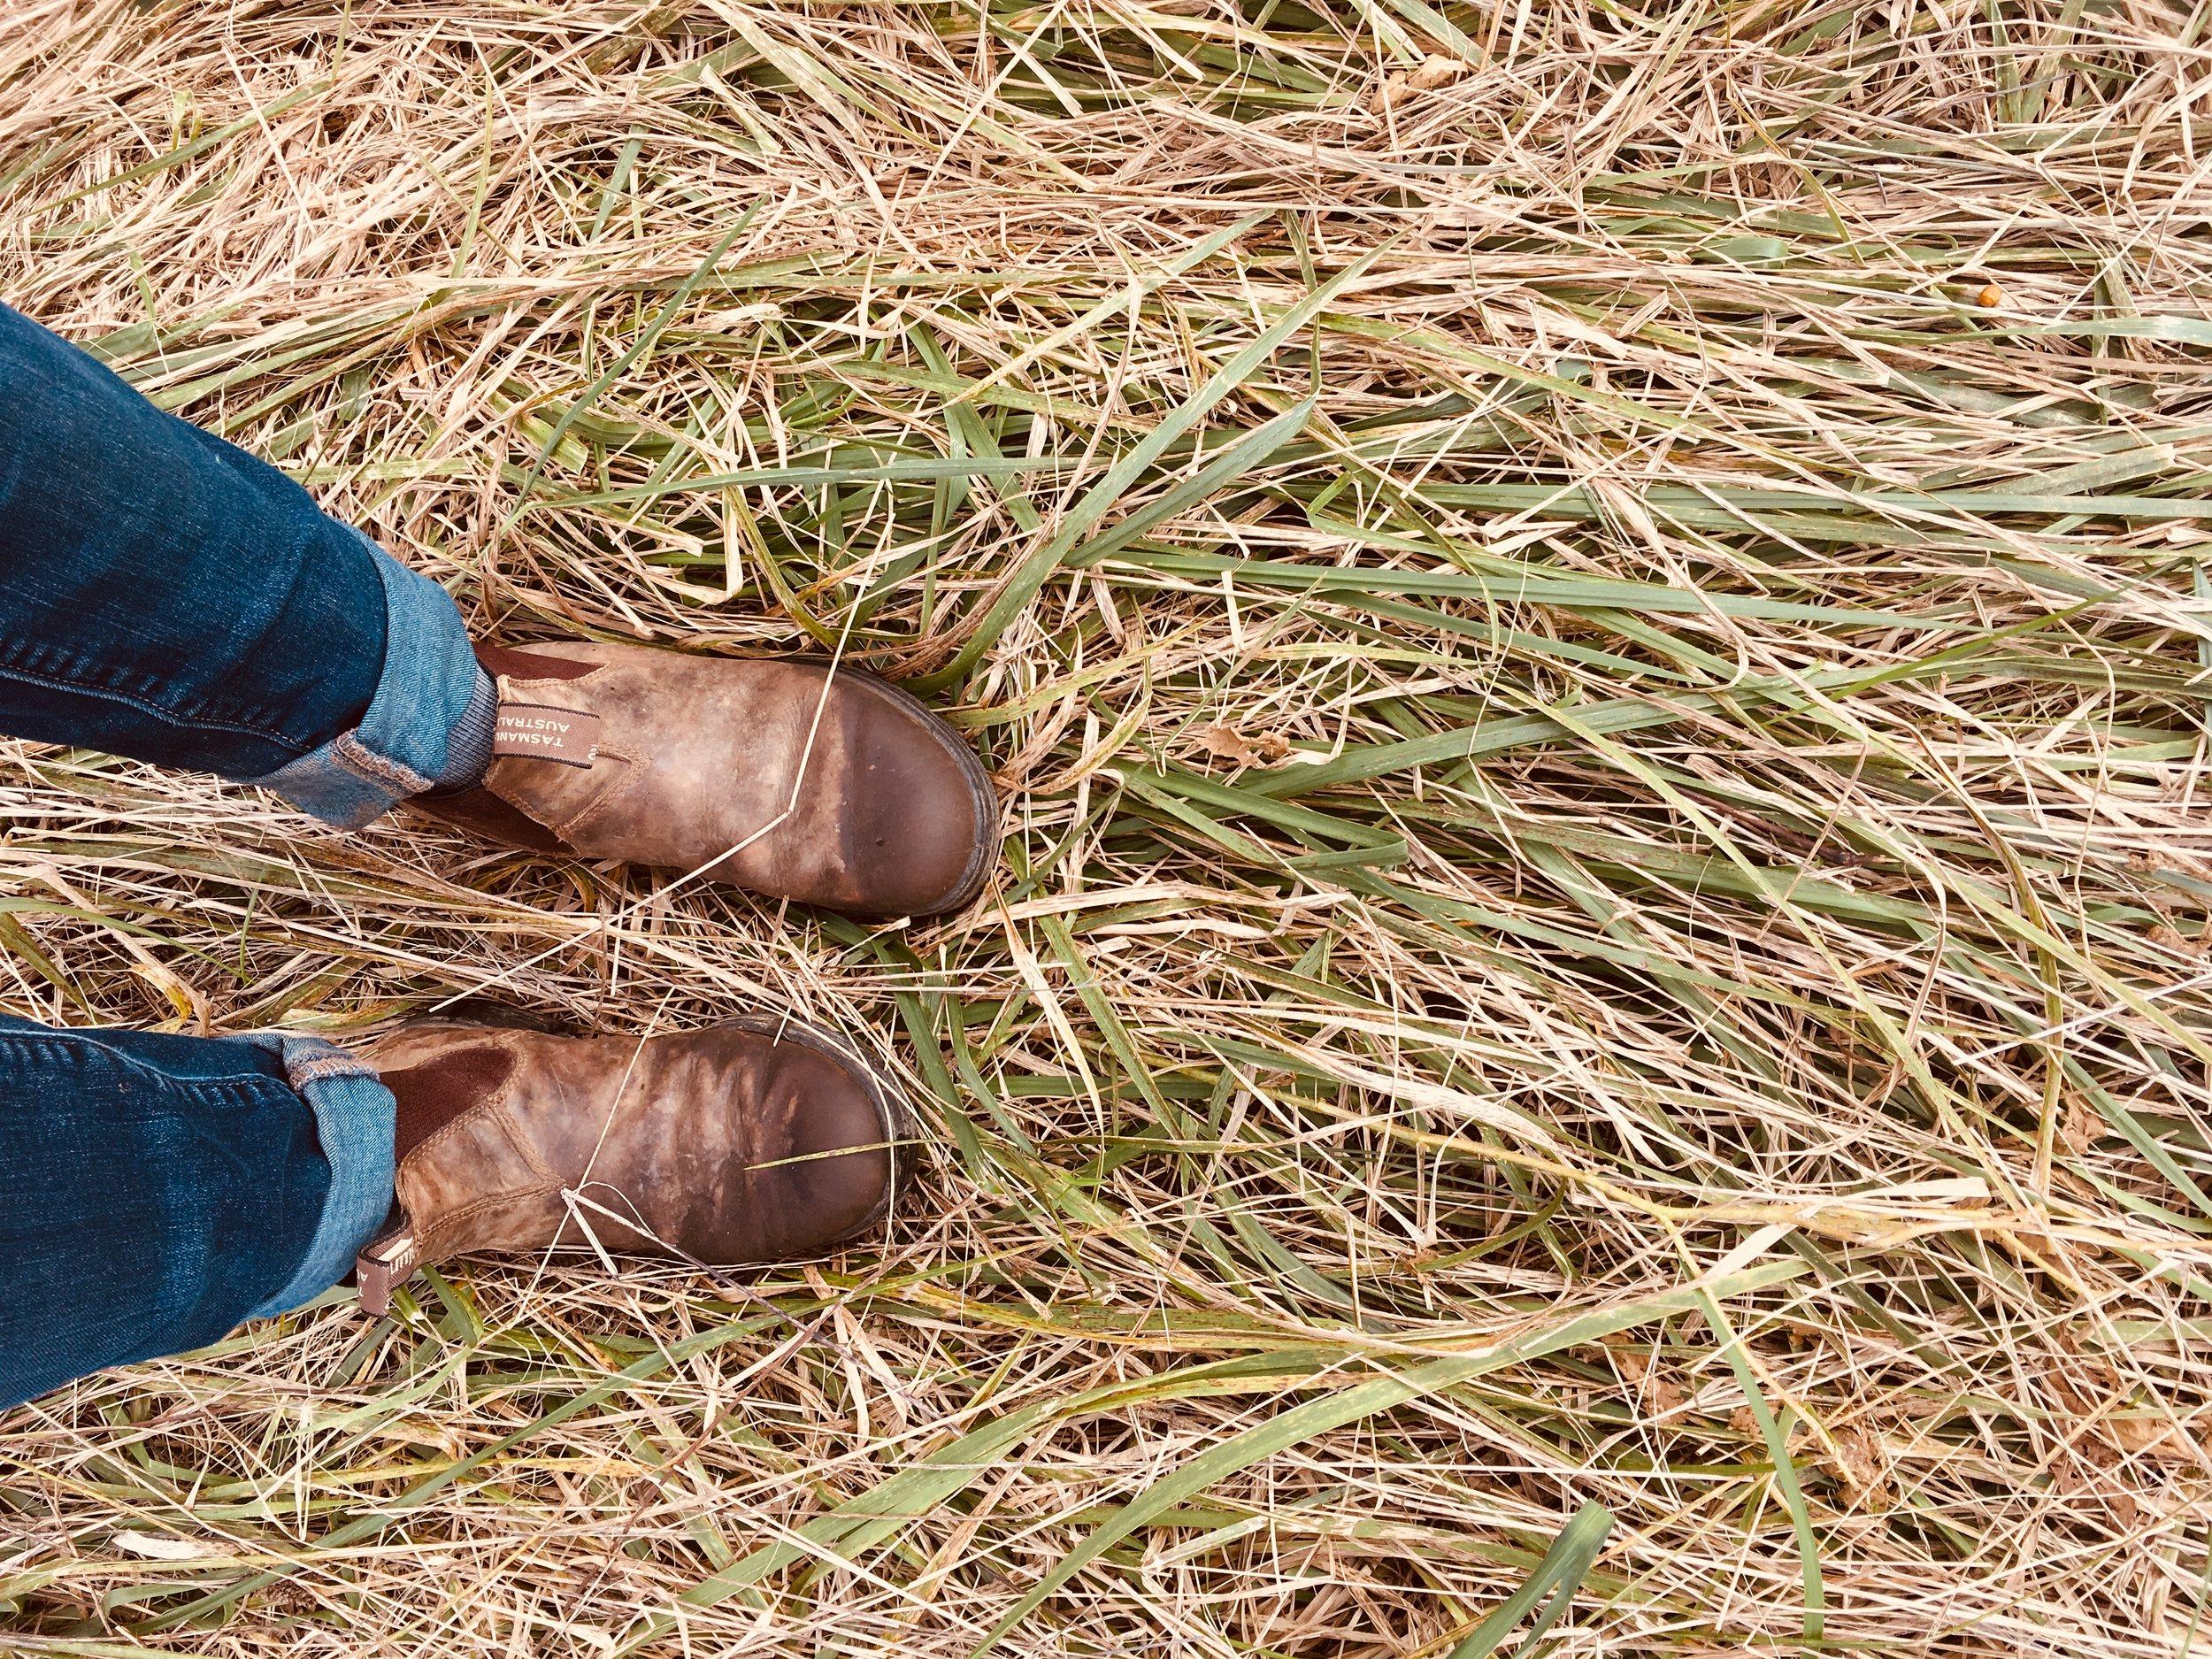 boots on grass.JPG